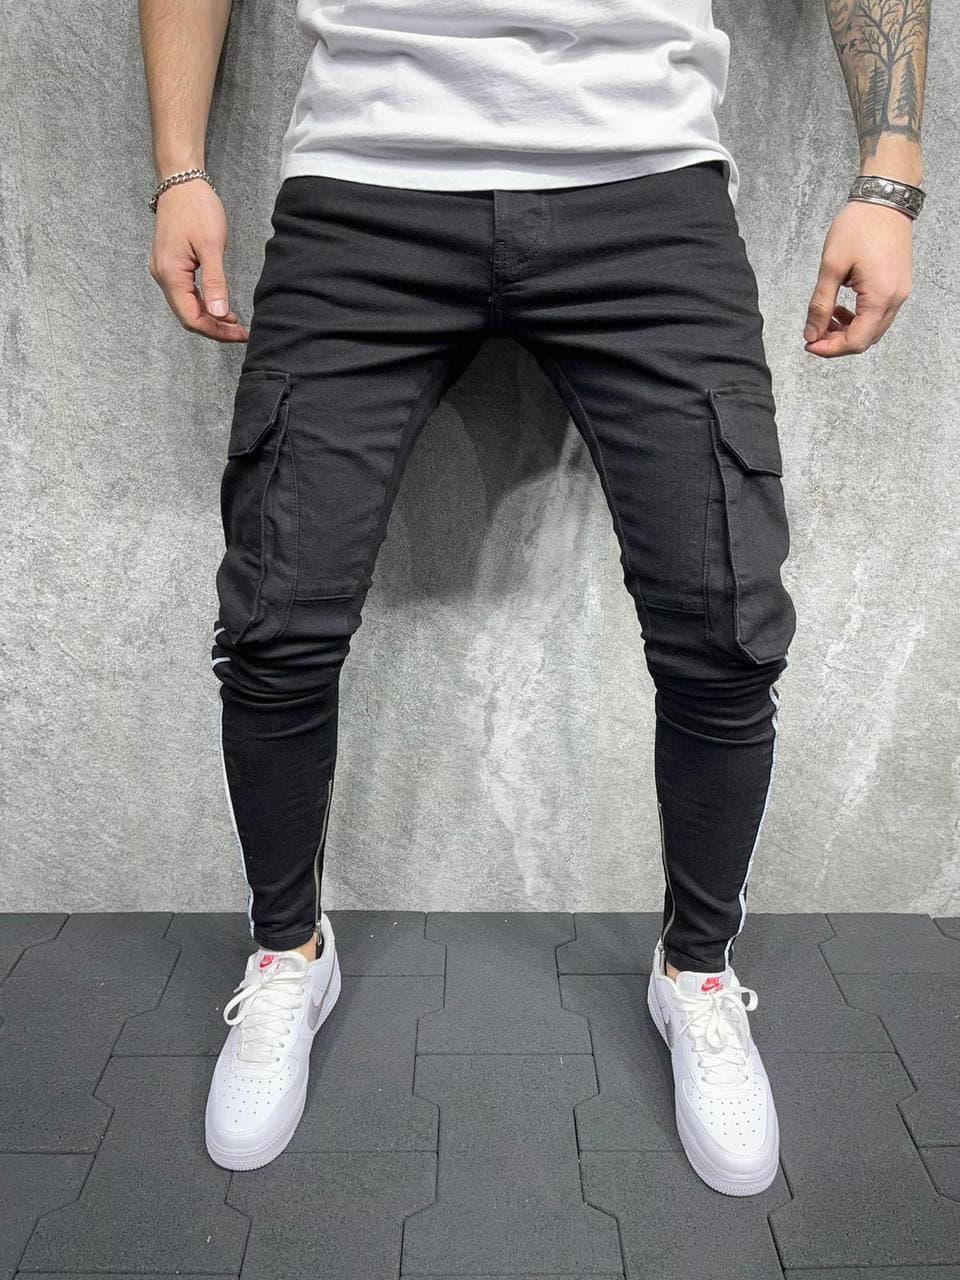 Чоловічі завужені джинси-карго чорні, з накладними кишенями